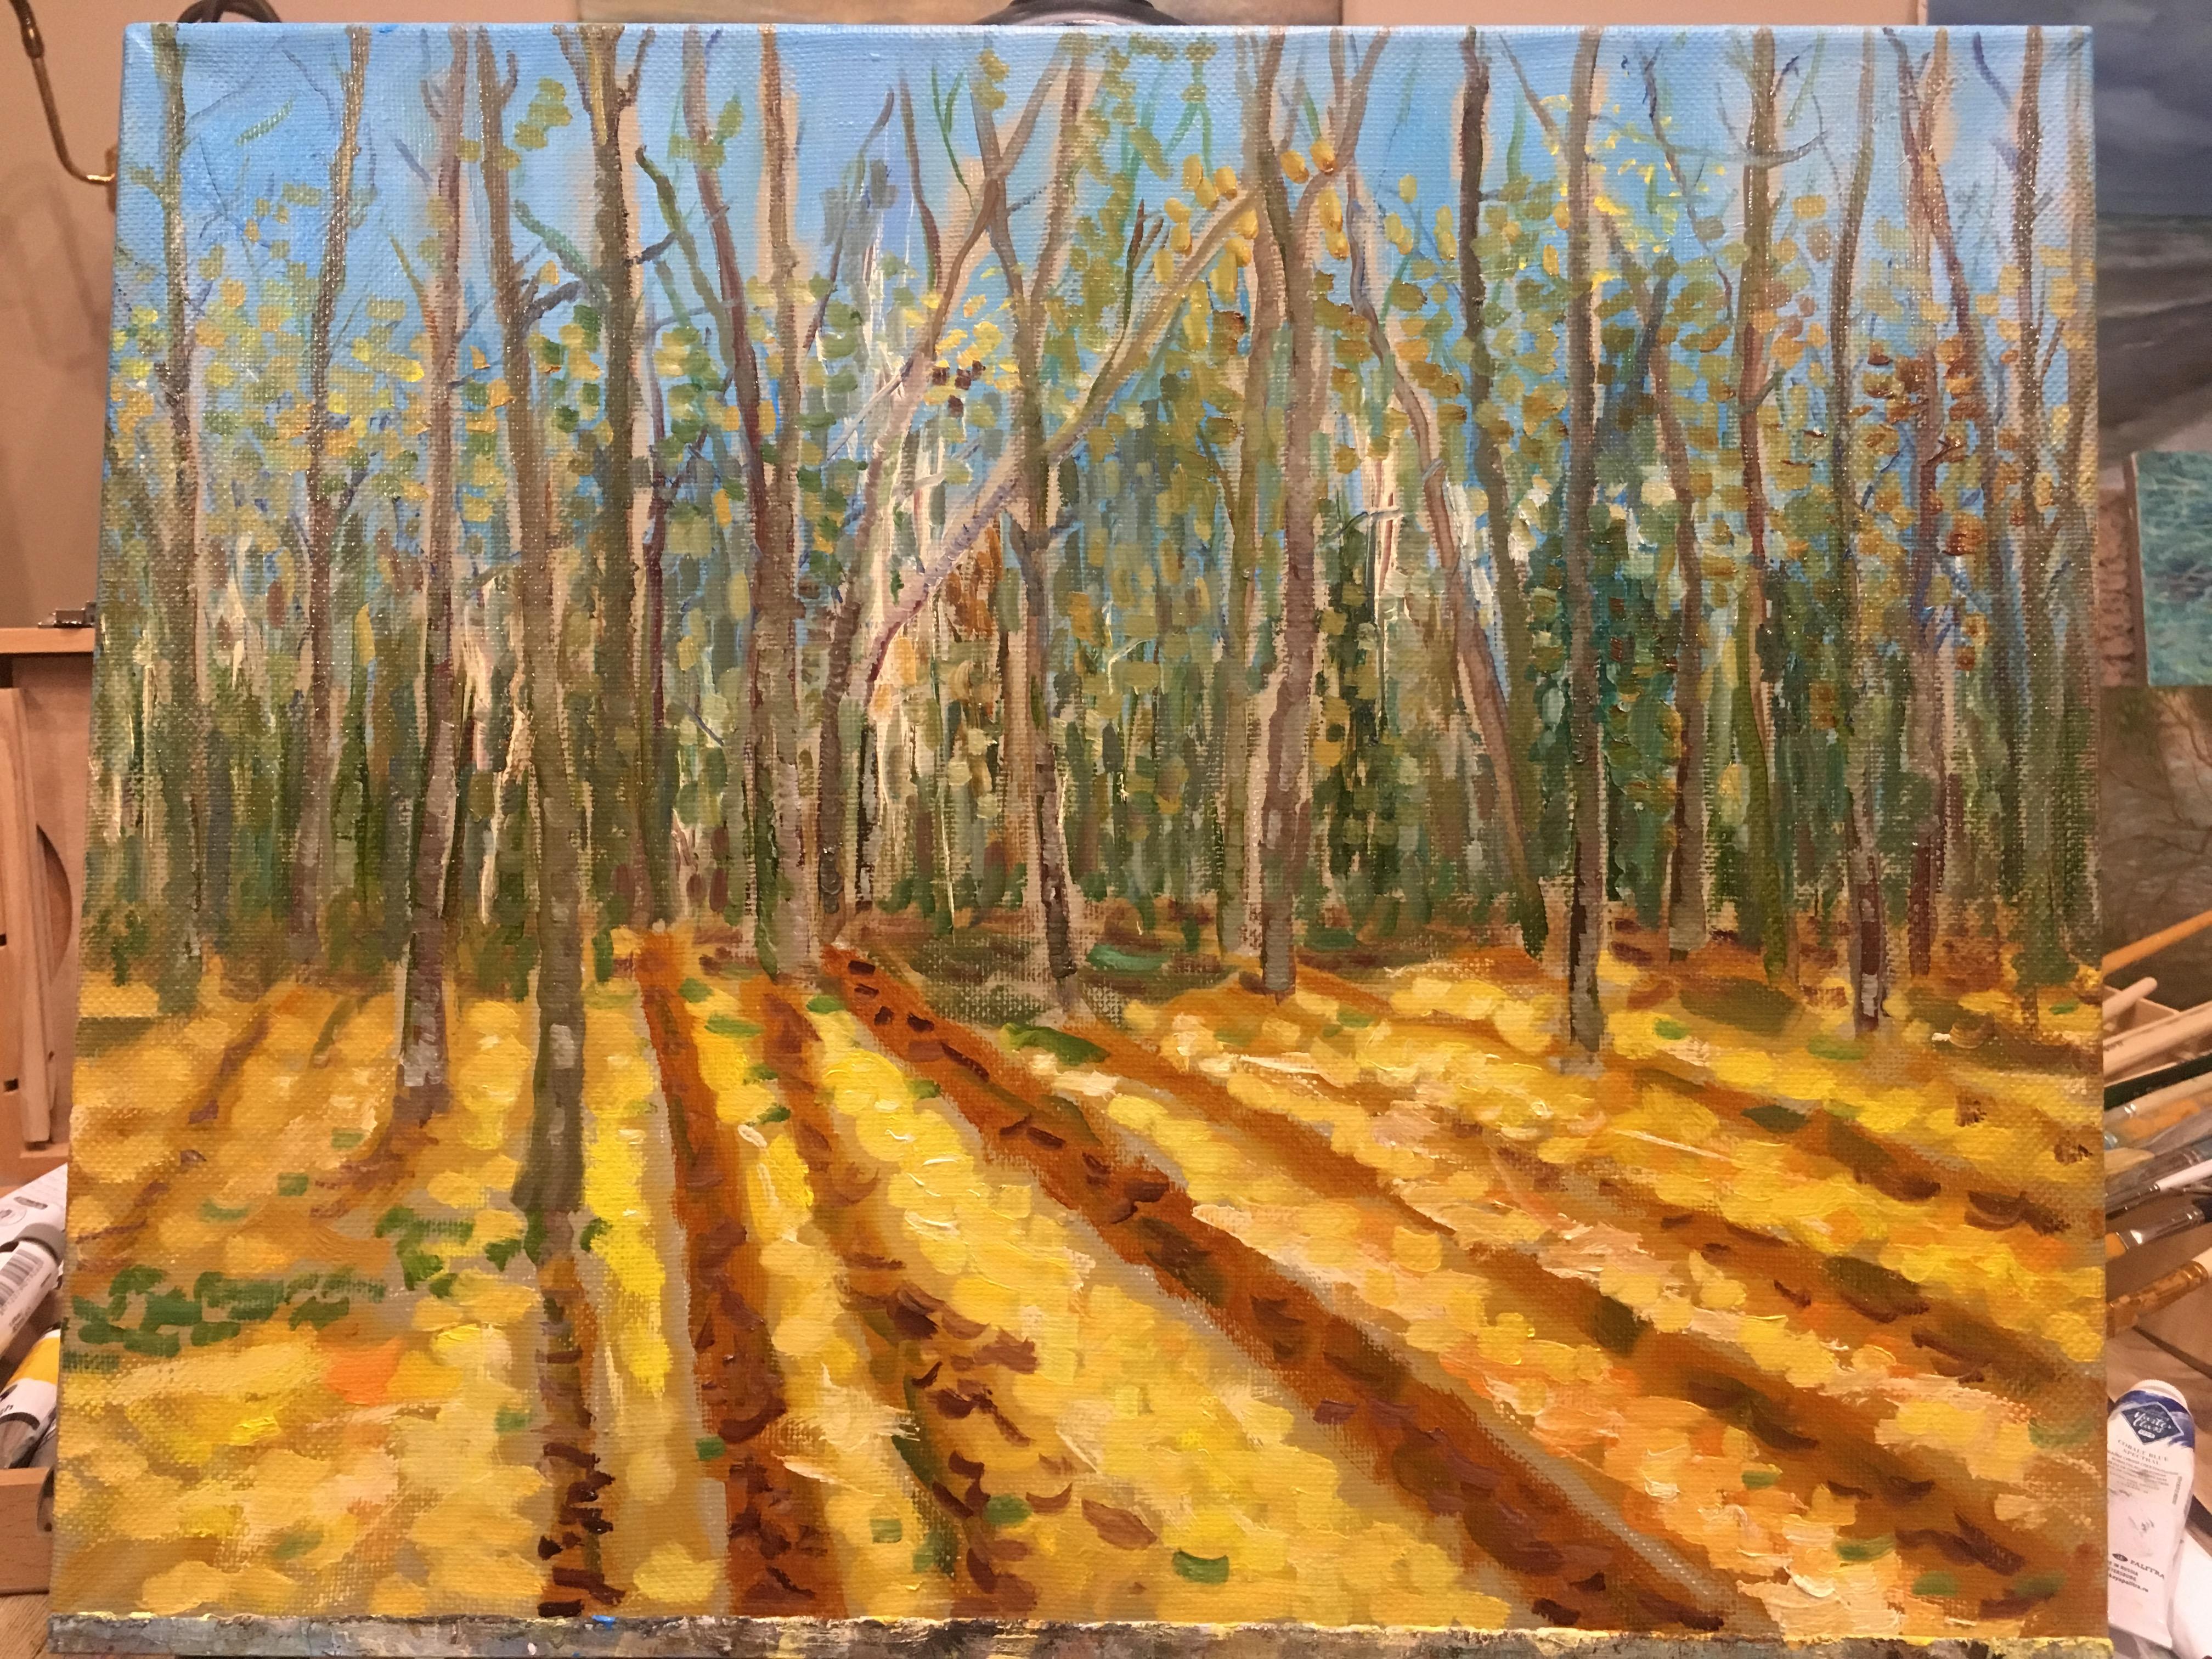 осенний пейзаж лес картина маслом покровское стрешнево художник Альберт Сафиуллин